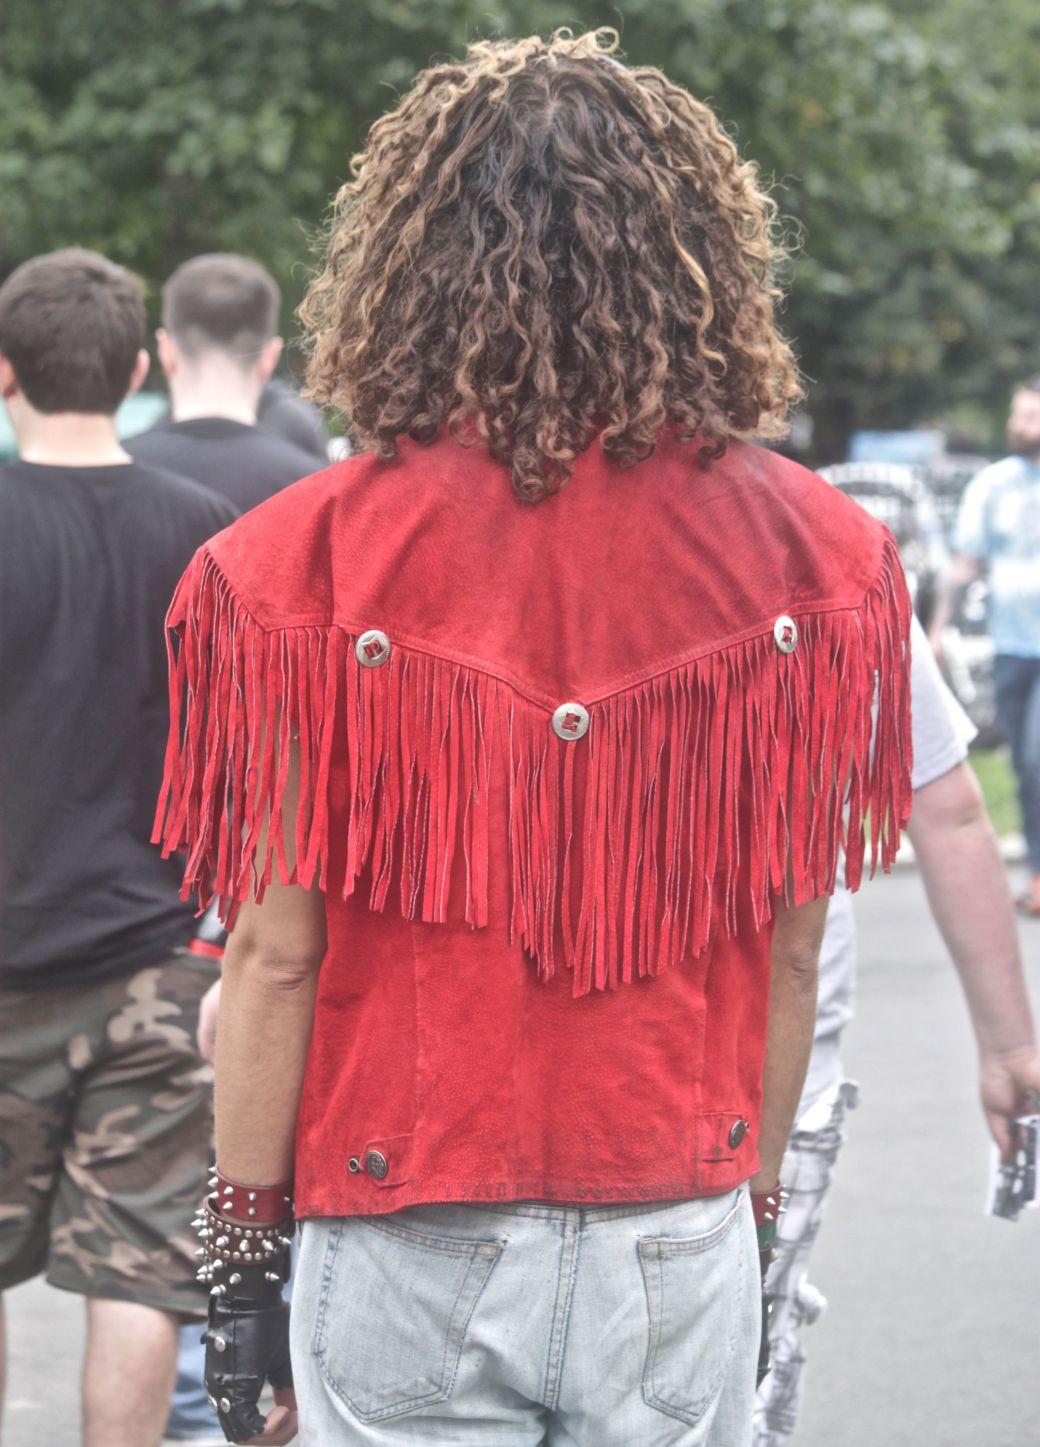 boston hemp fest 2013 man in red fringe jacket